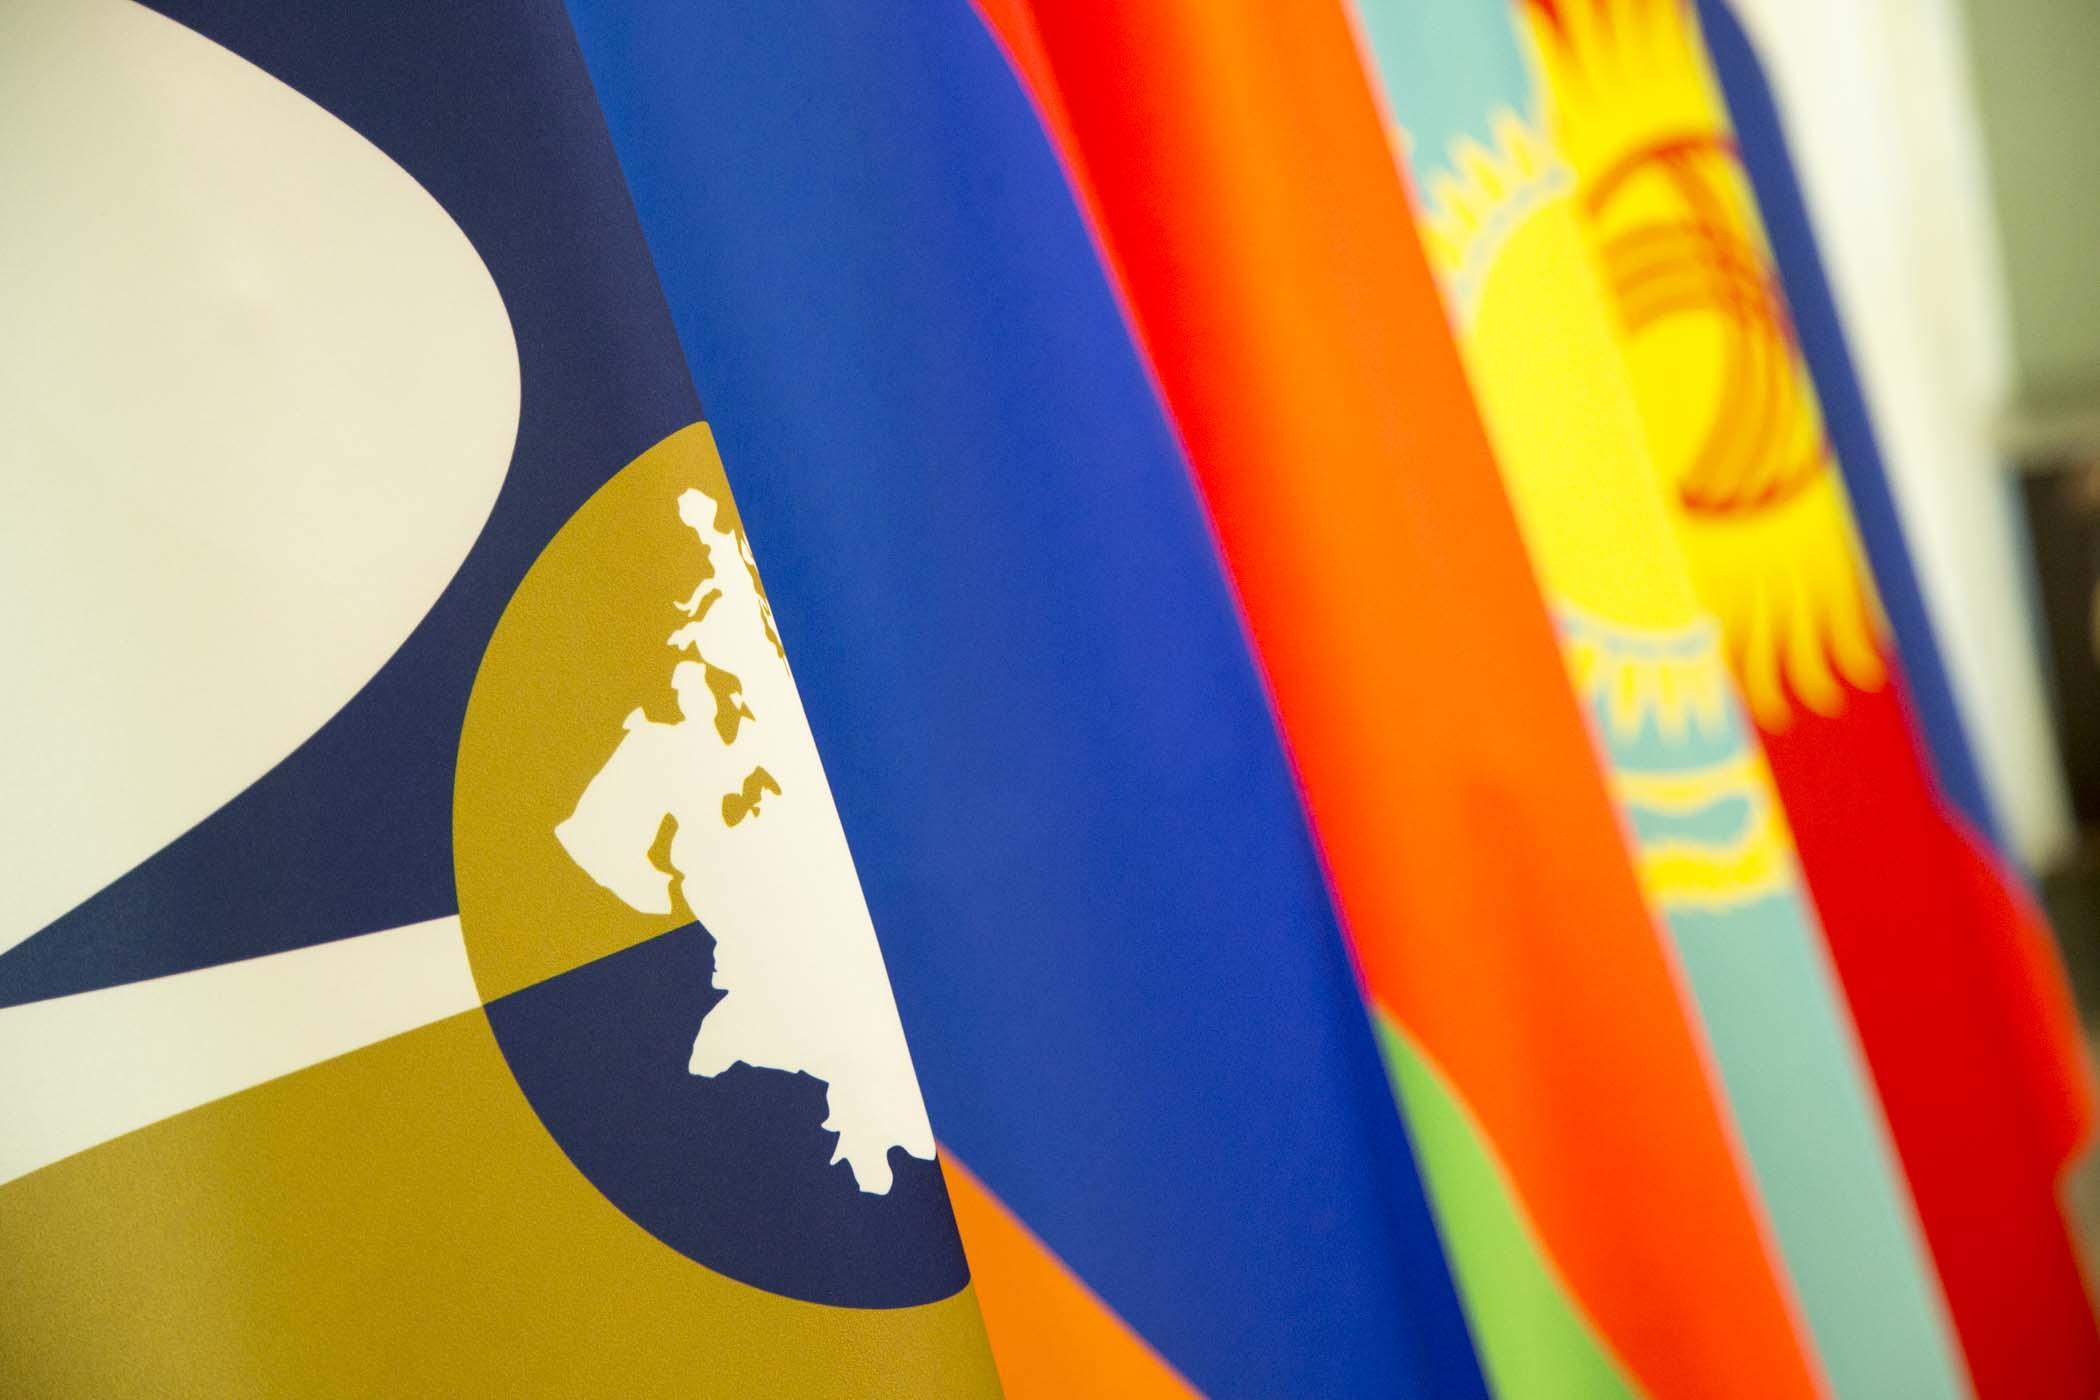 ЕЭК и Комиссия Африканского союза подписали Меморандум о взаимопонимании